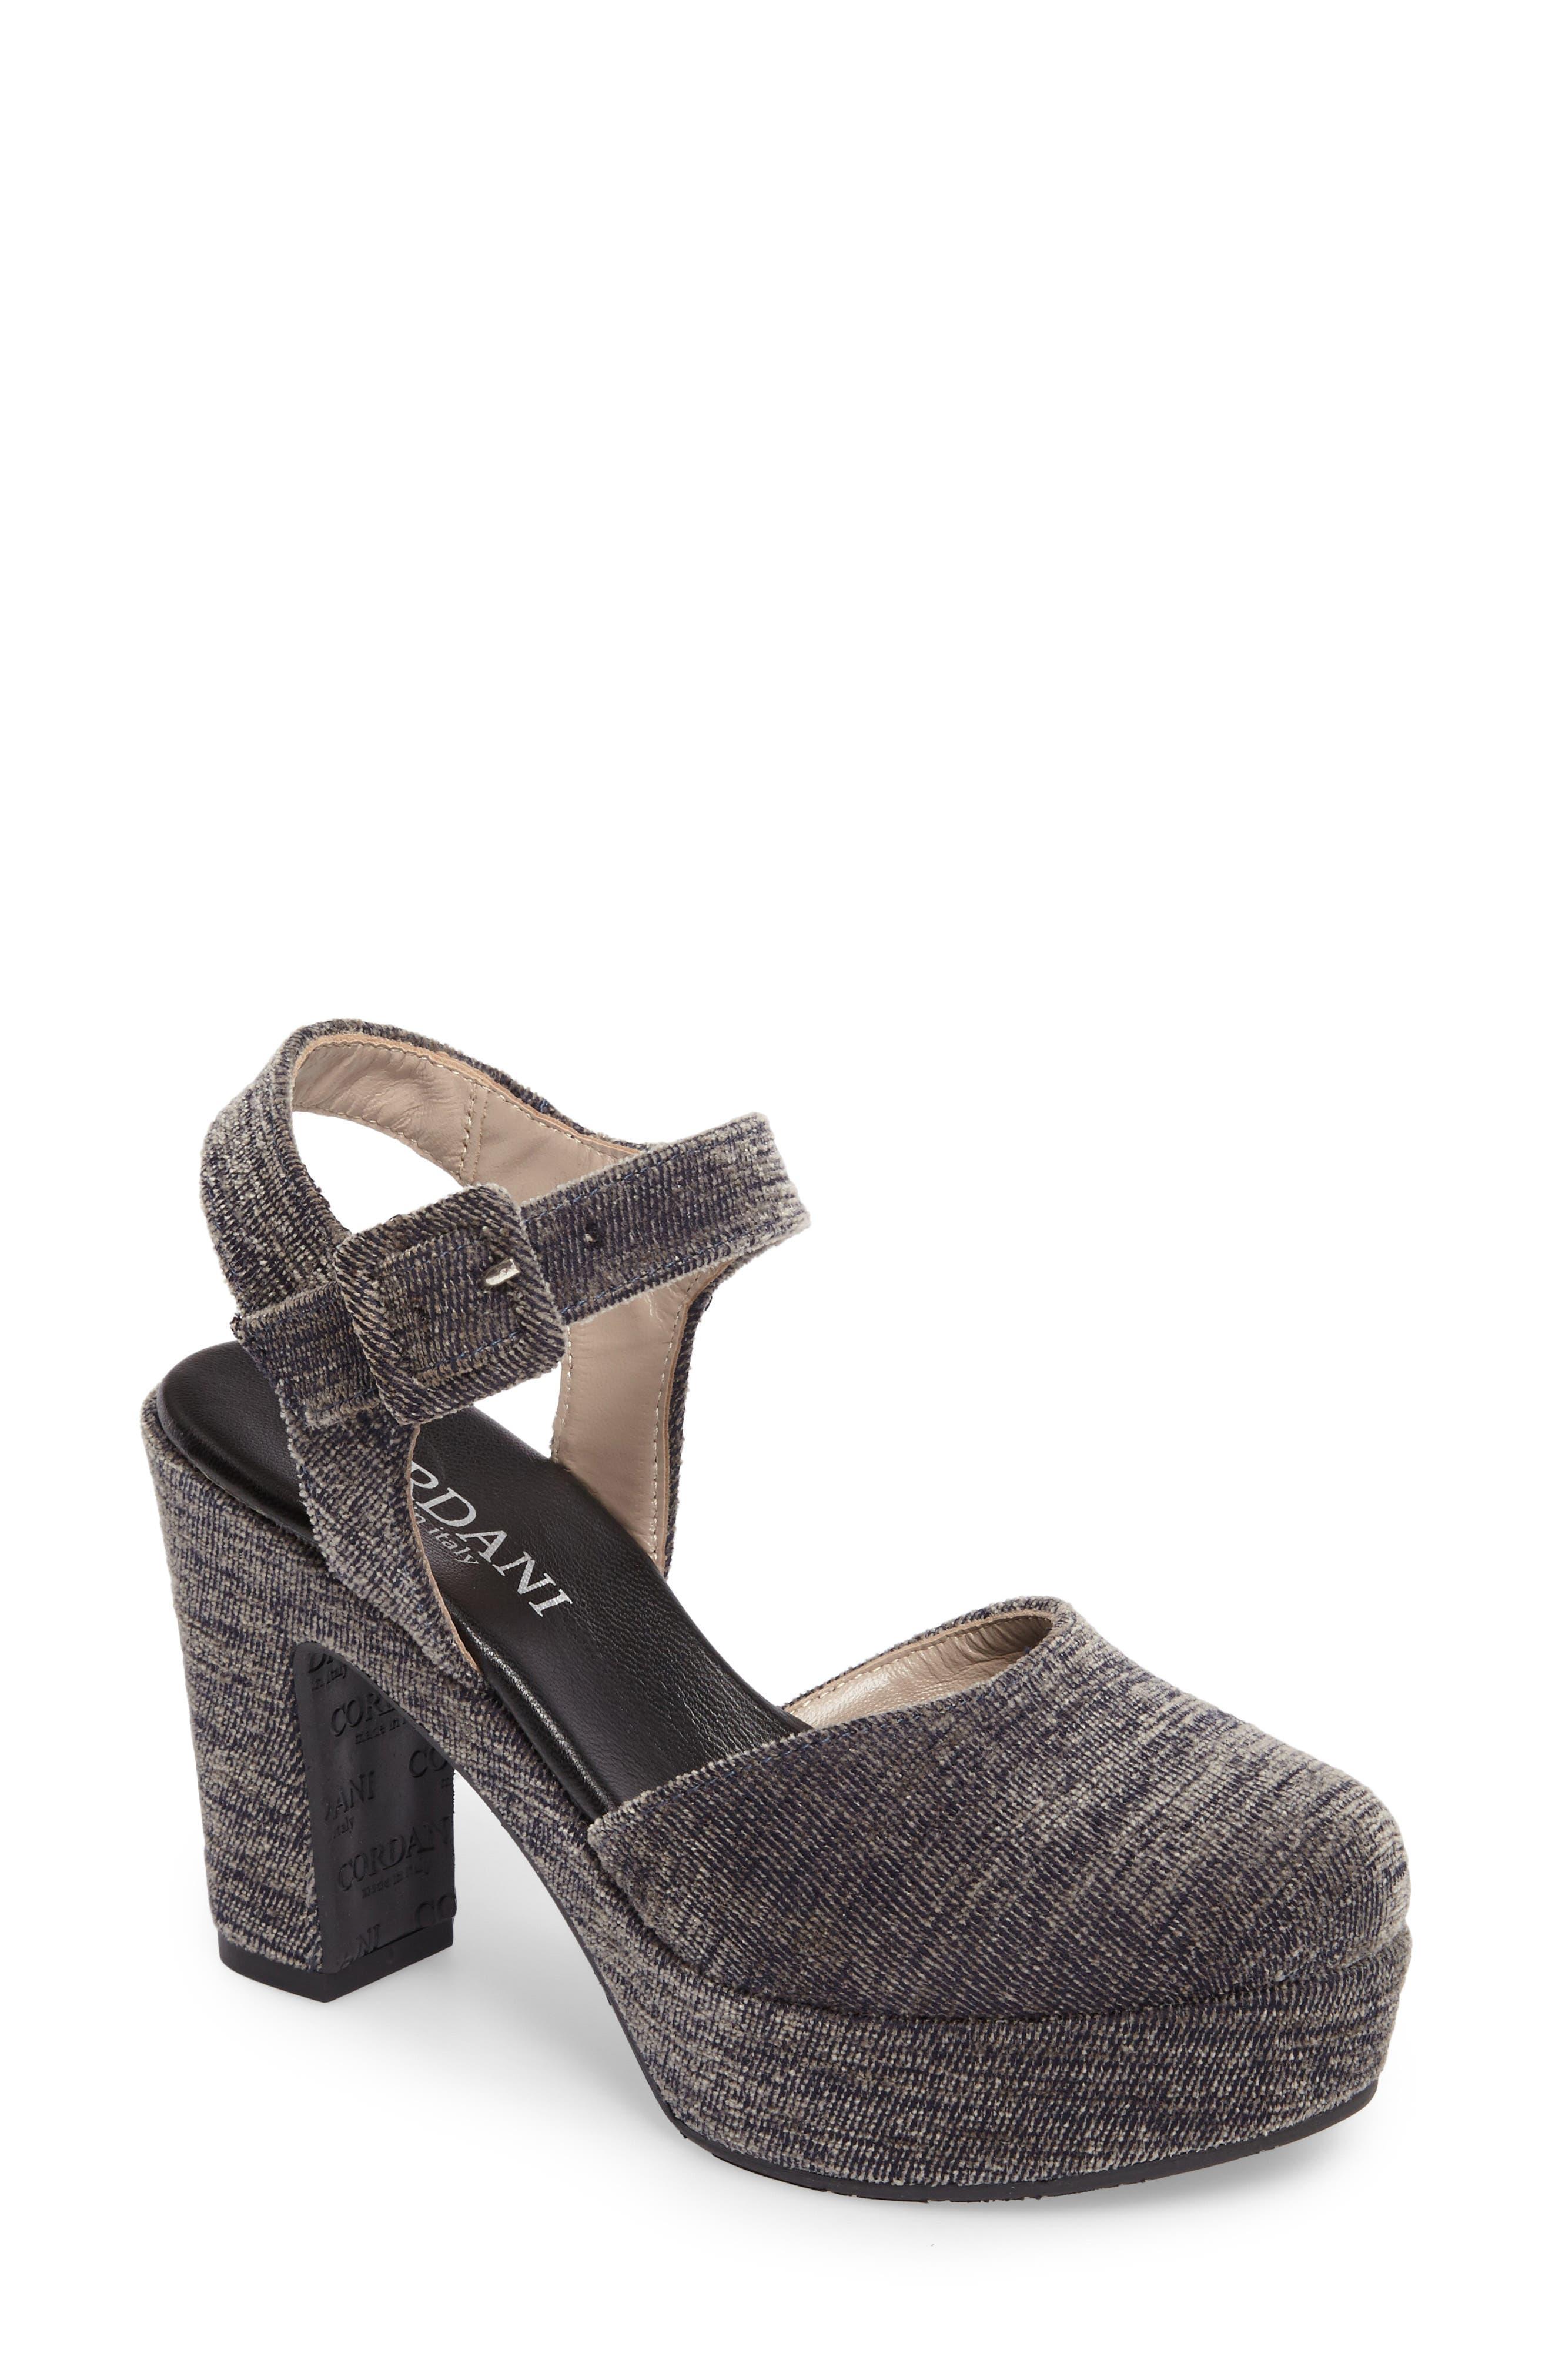 Torin Ankle Strap Platform Pump,                         Main,                         color, Grey Crushed Velvet